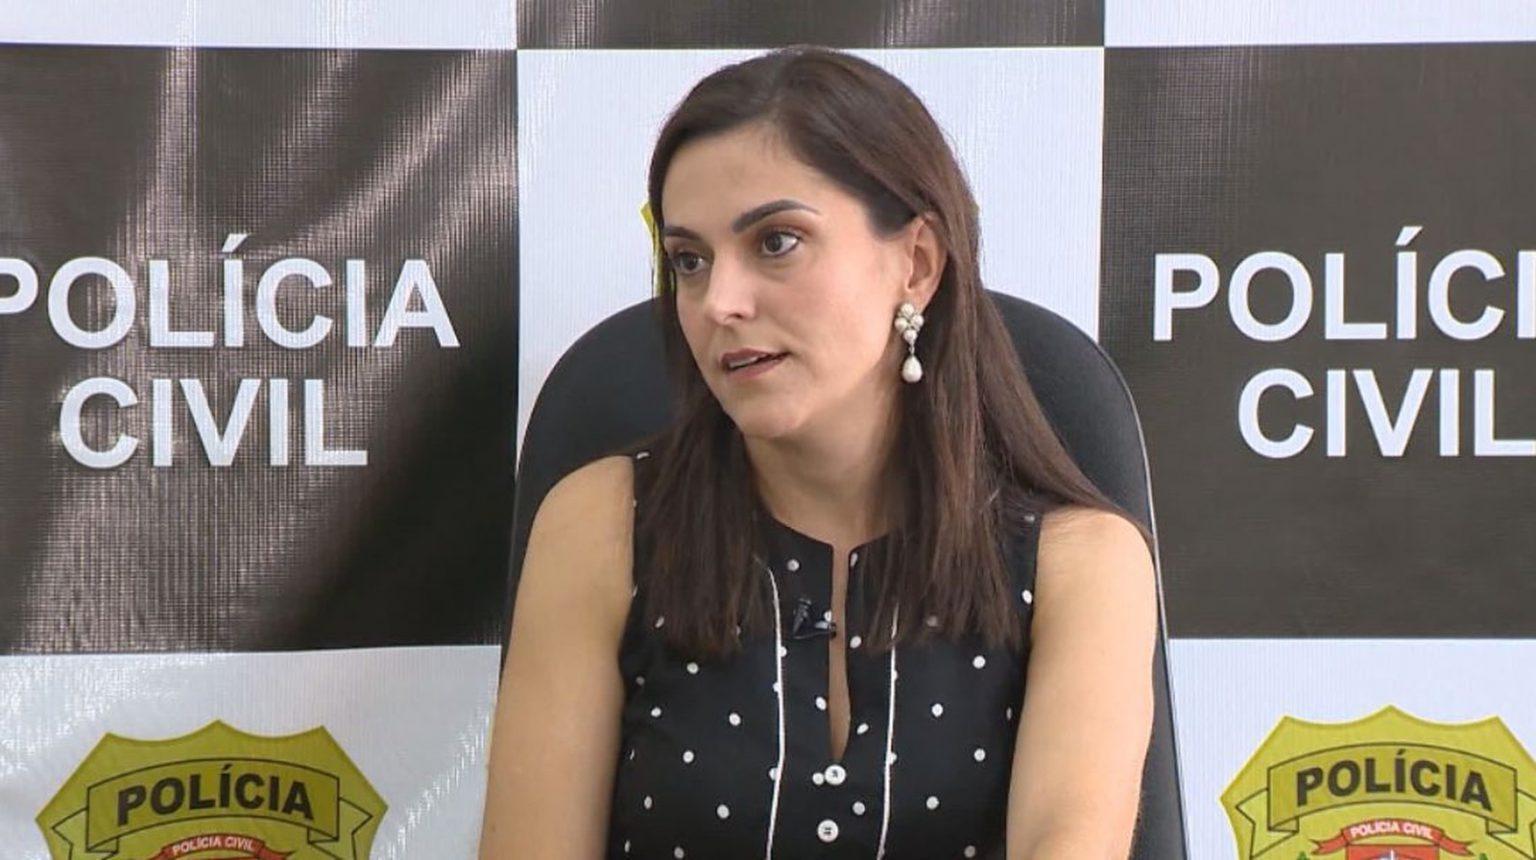 Professora e ex-sócia de escola é investigada por suspeita de tortura e castigo em crianças em Assis